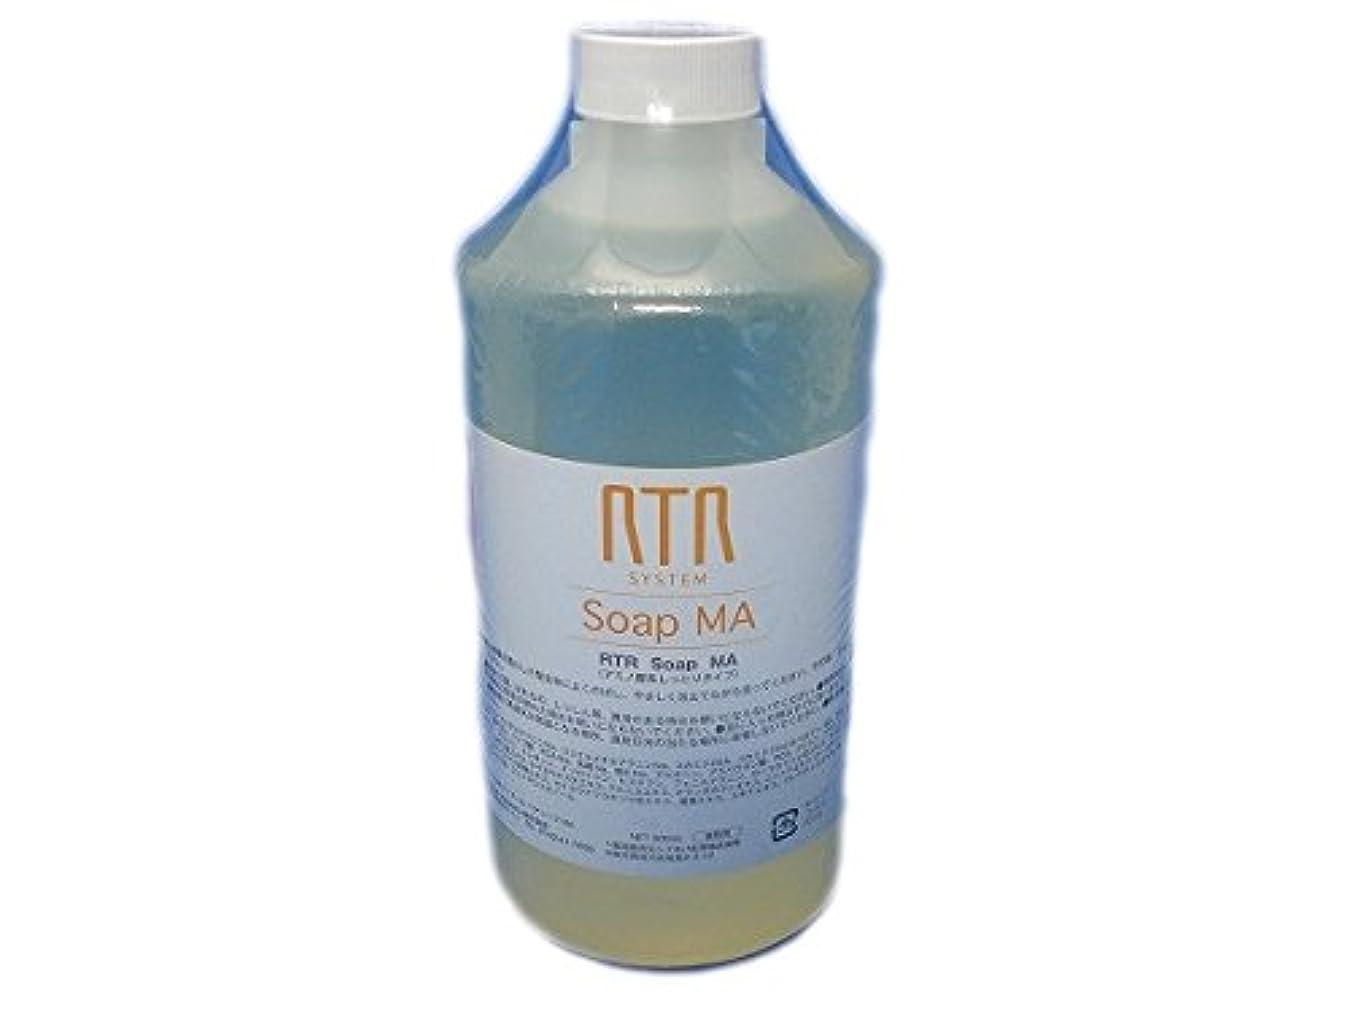 RTR ソープ MA 800ml  カラーヘアなど傷みのある髪に最適!